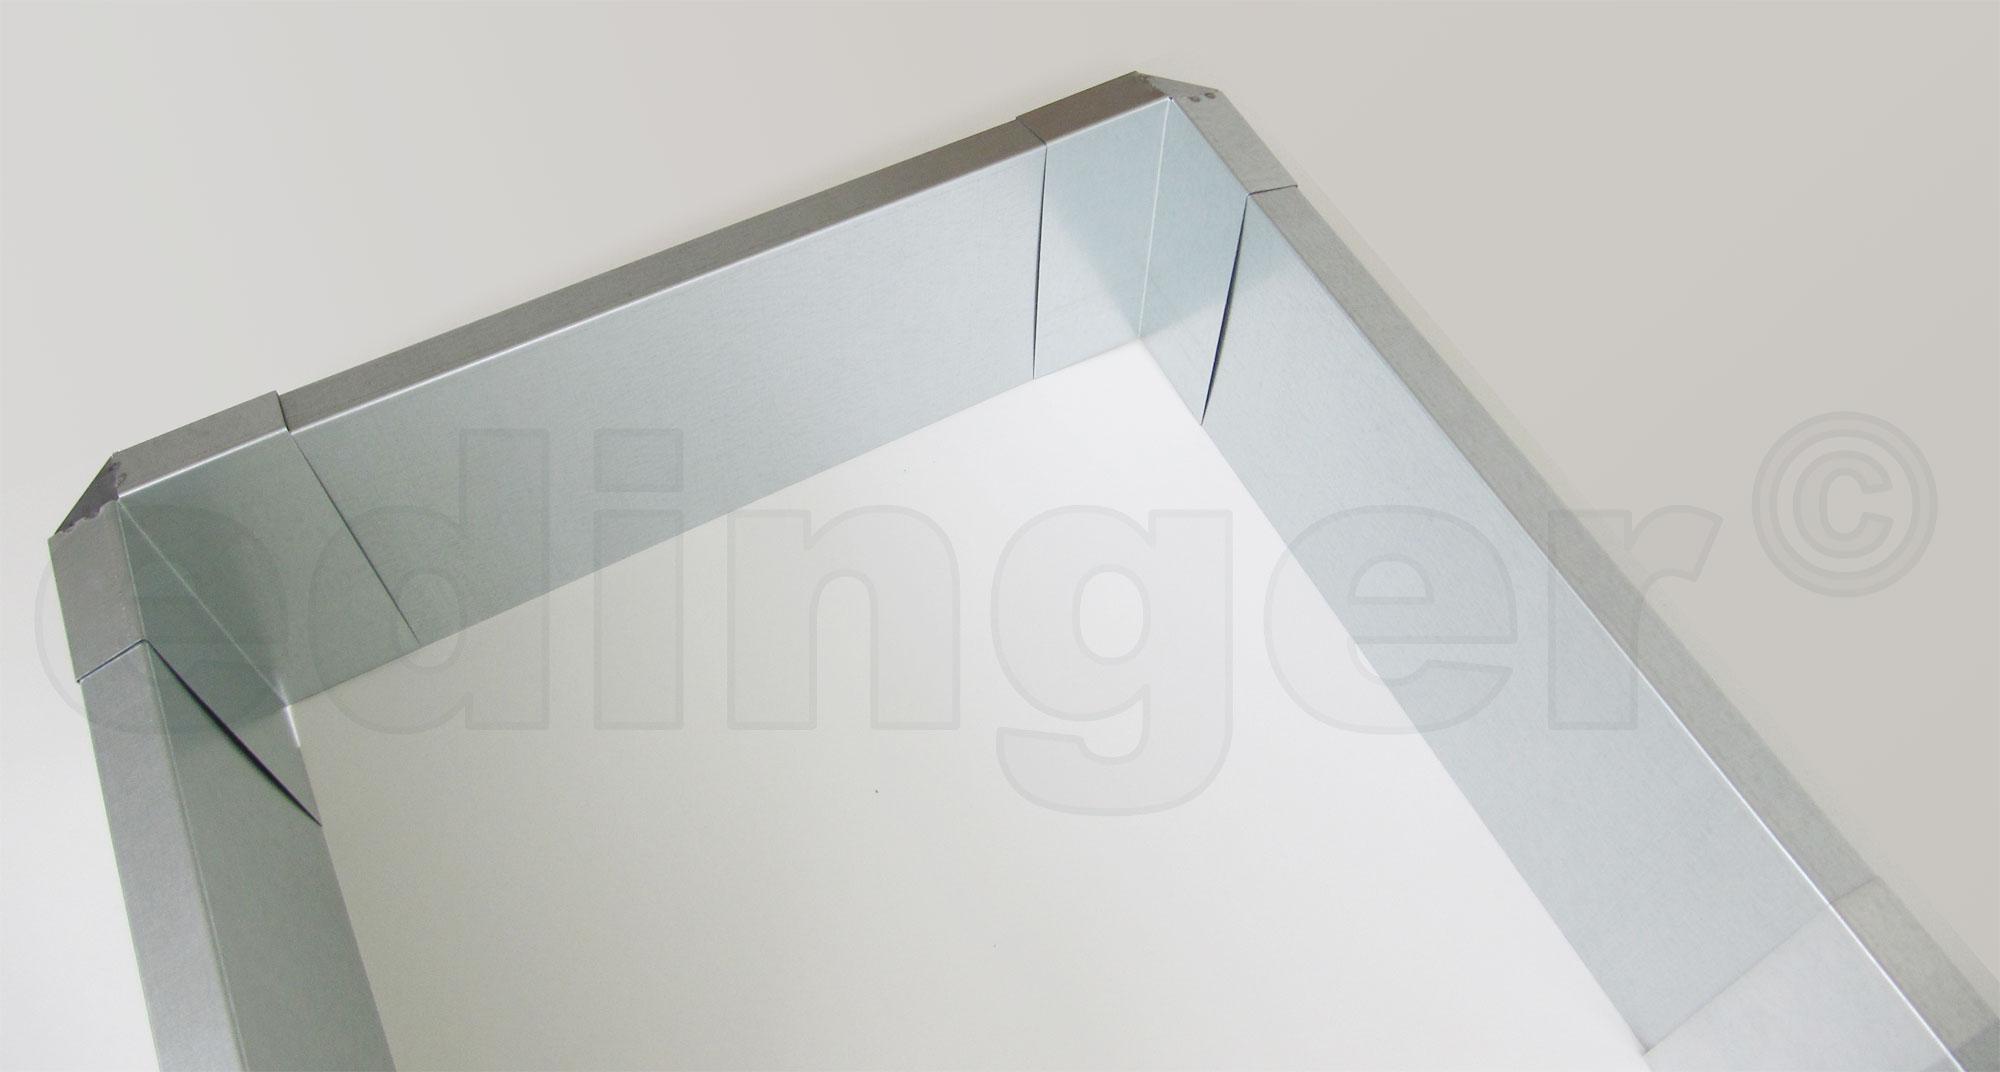 Schneckenzaun / Schneckenblech Metall für 6 m² Set Bild 1